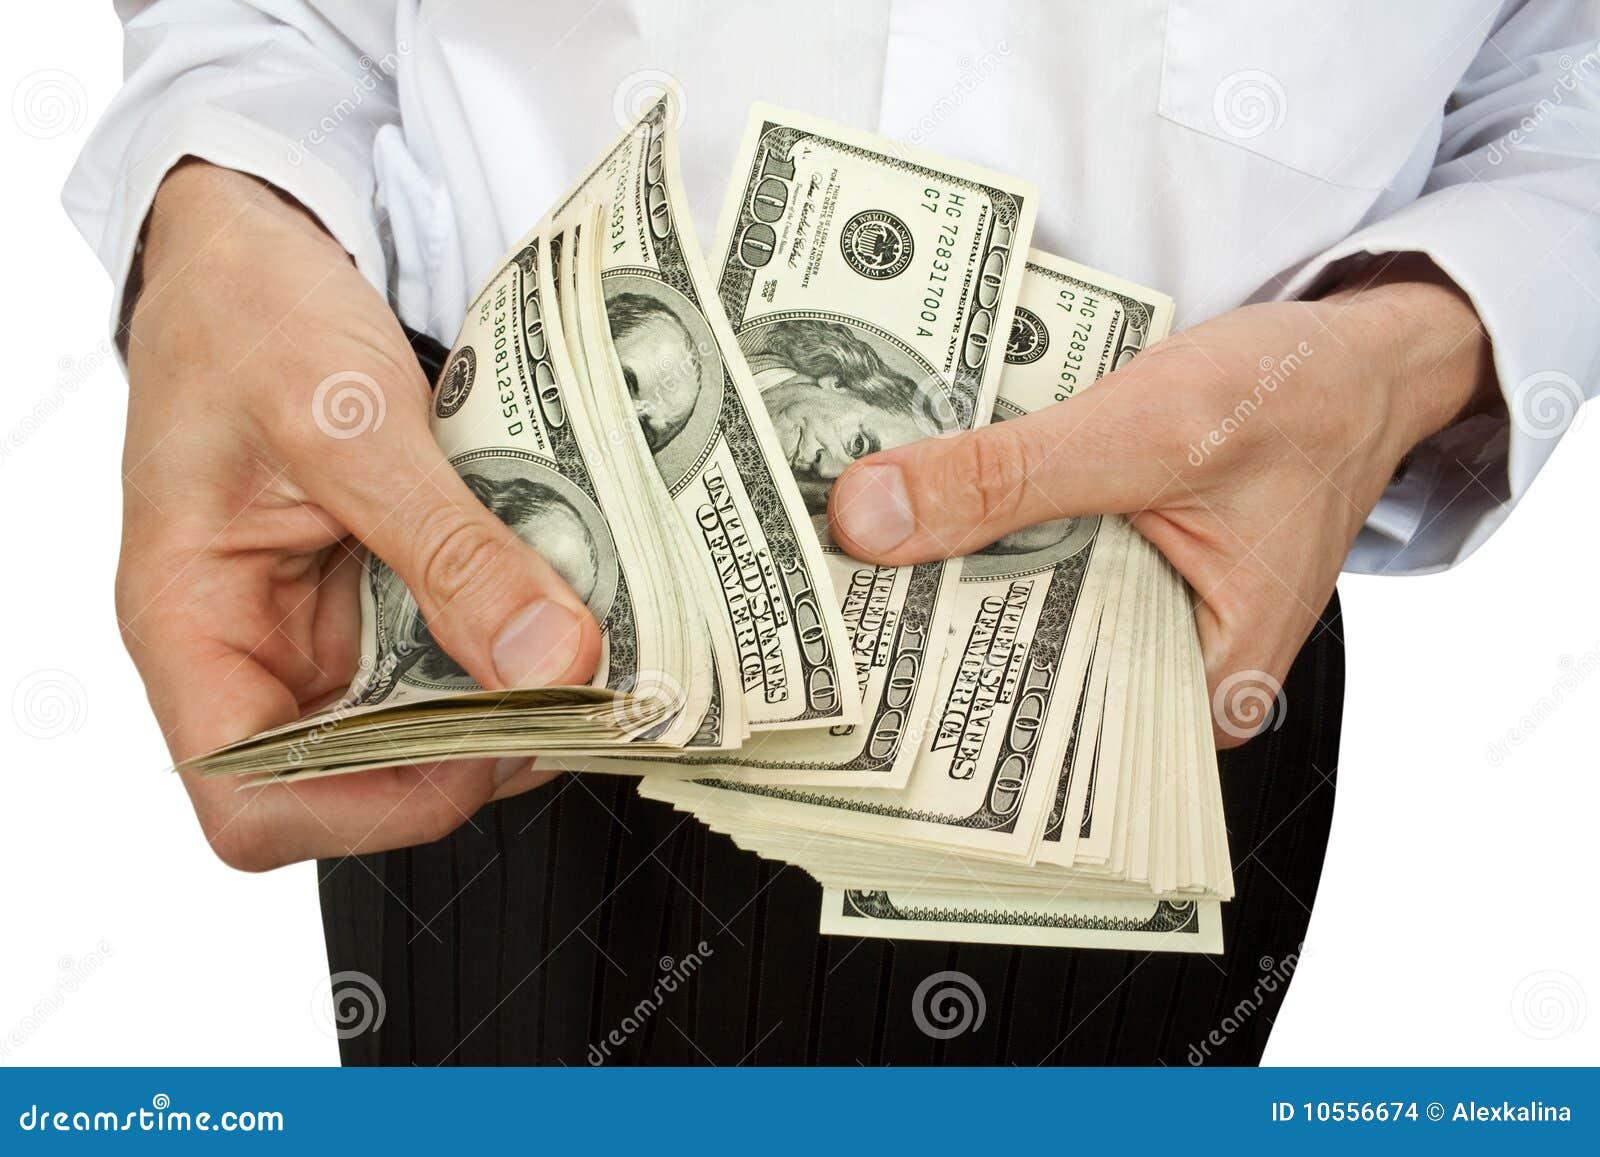 Как можно заработать на форекс с 100 долларов.